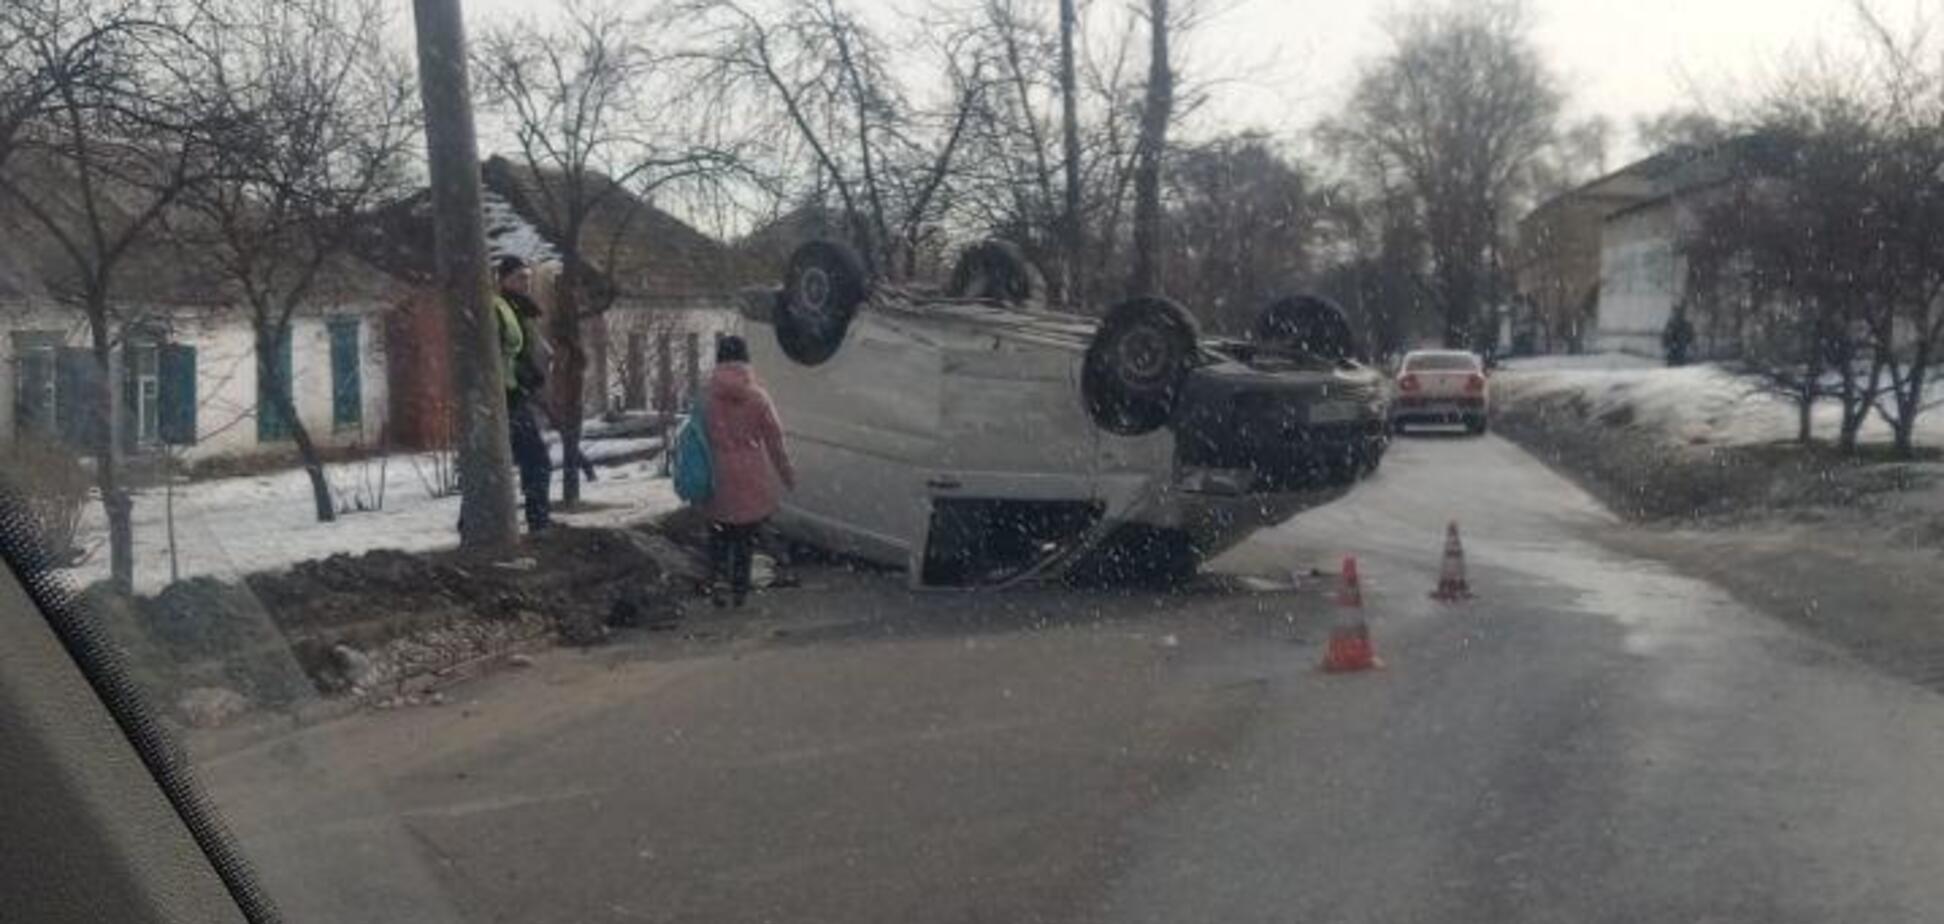 В Днепре на перекрестке произошло серьезное ДТП: одна машина перевернулась на крышу. Видео